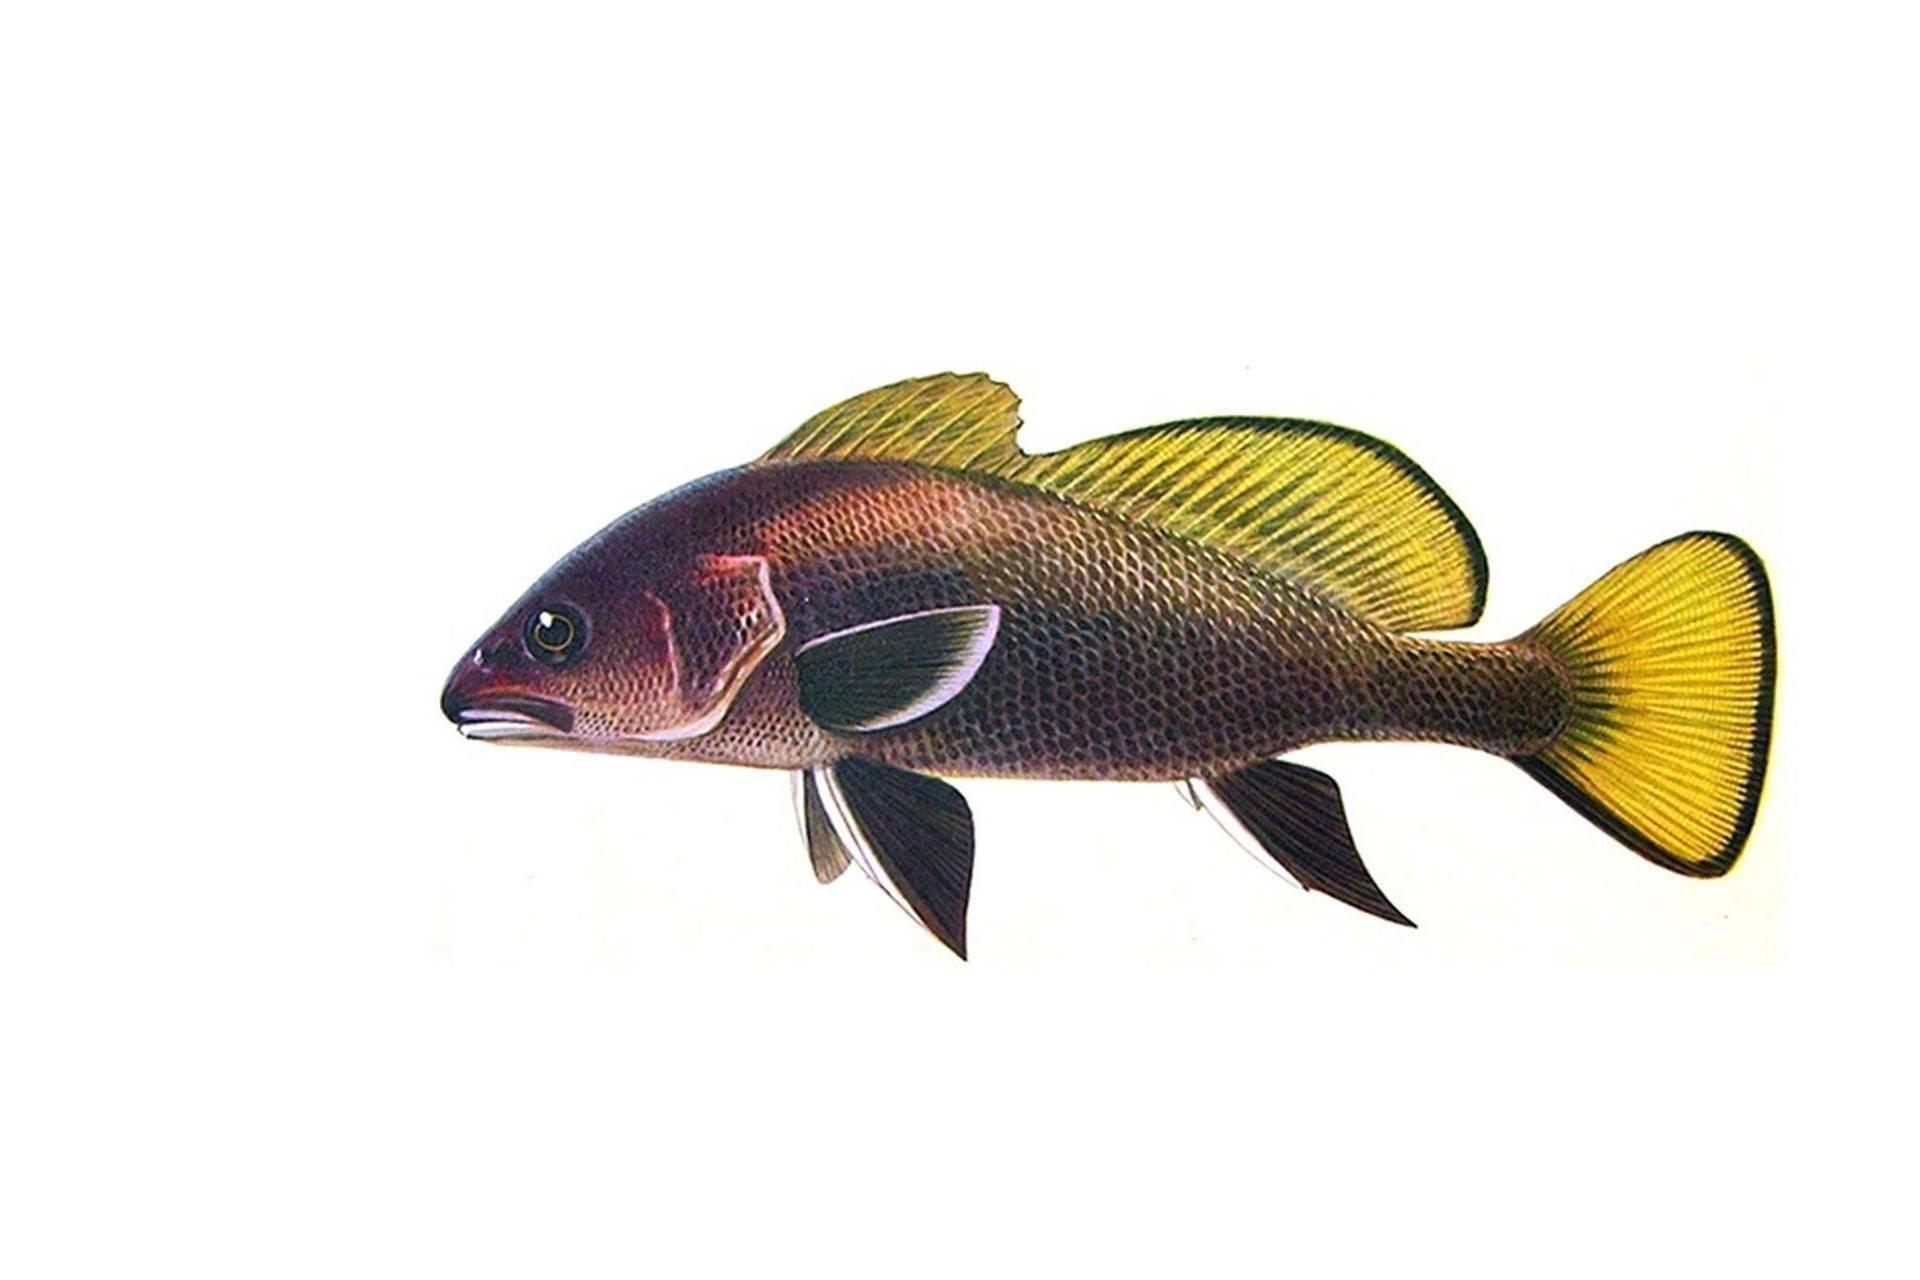 Луфарь (гумбар) — описание, как ловить и где